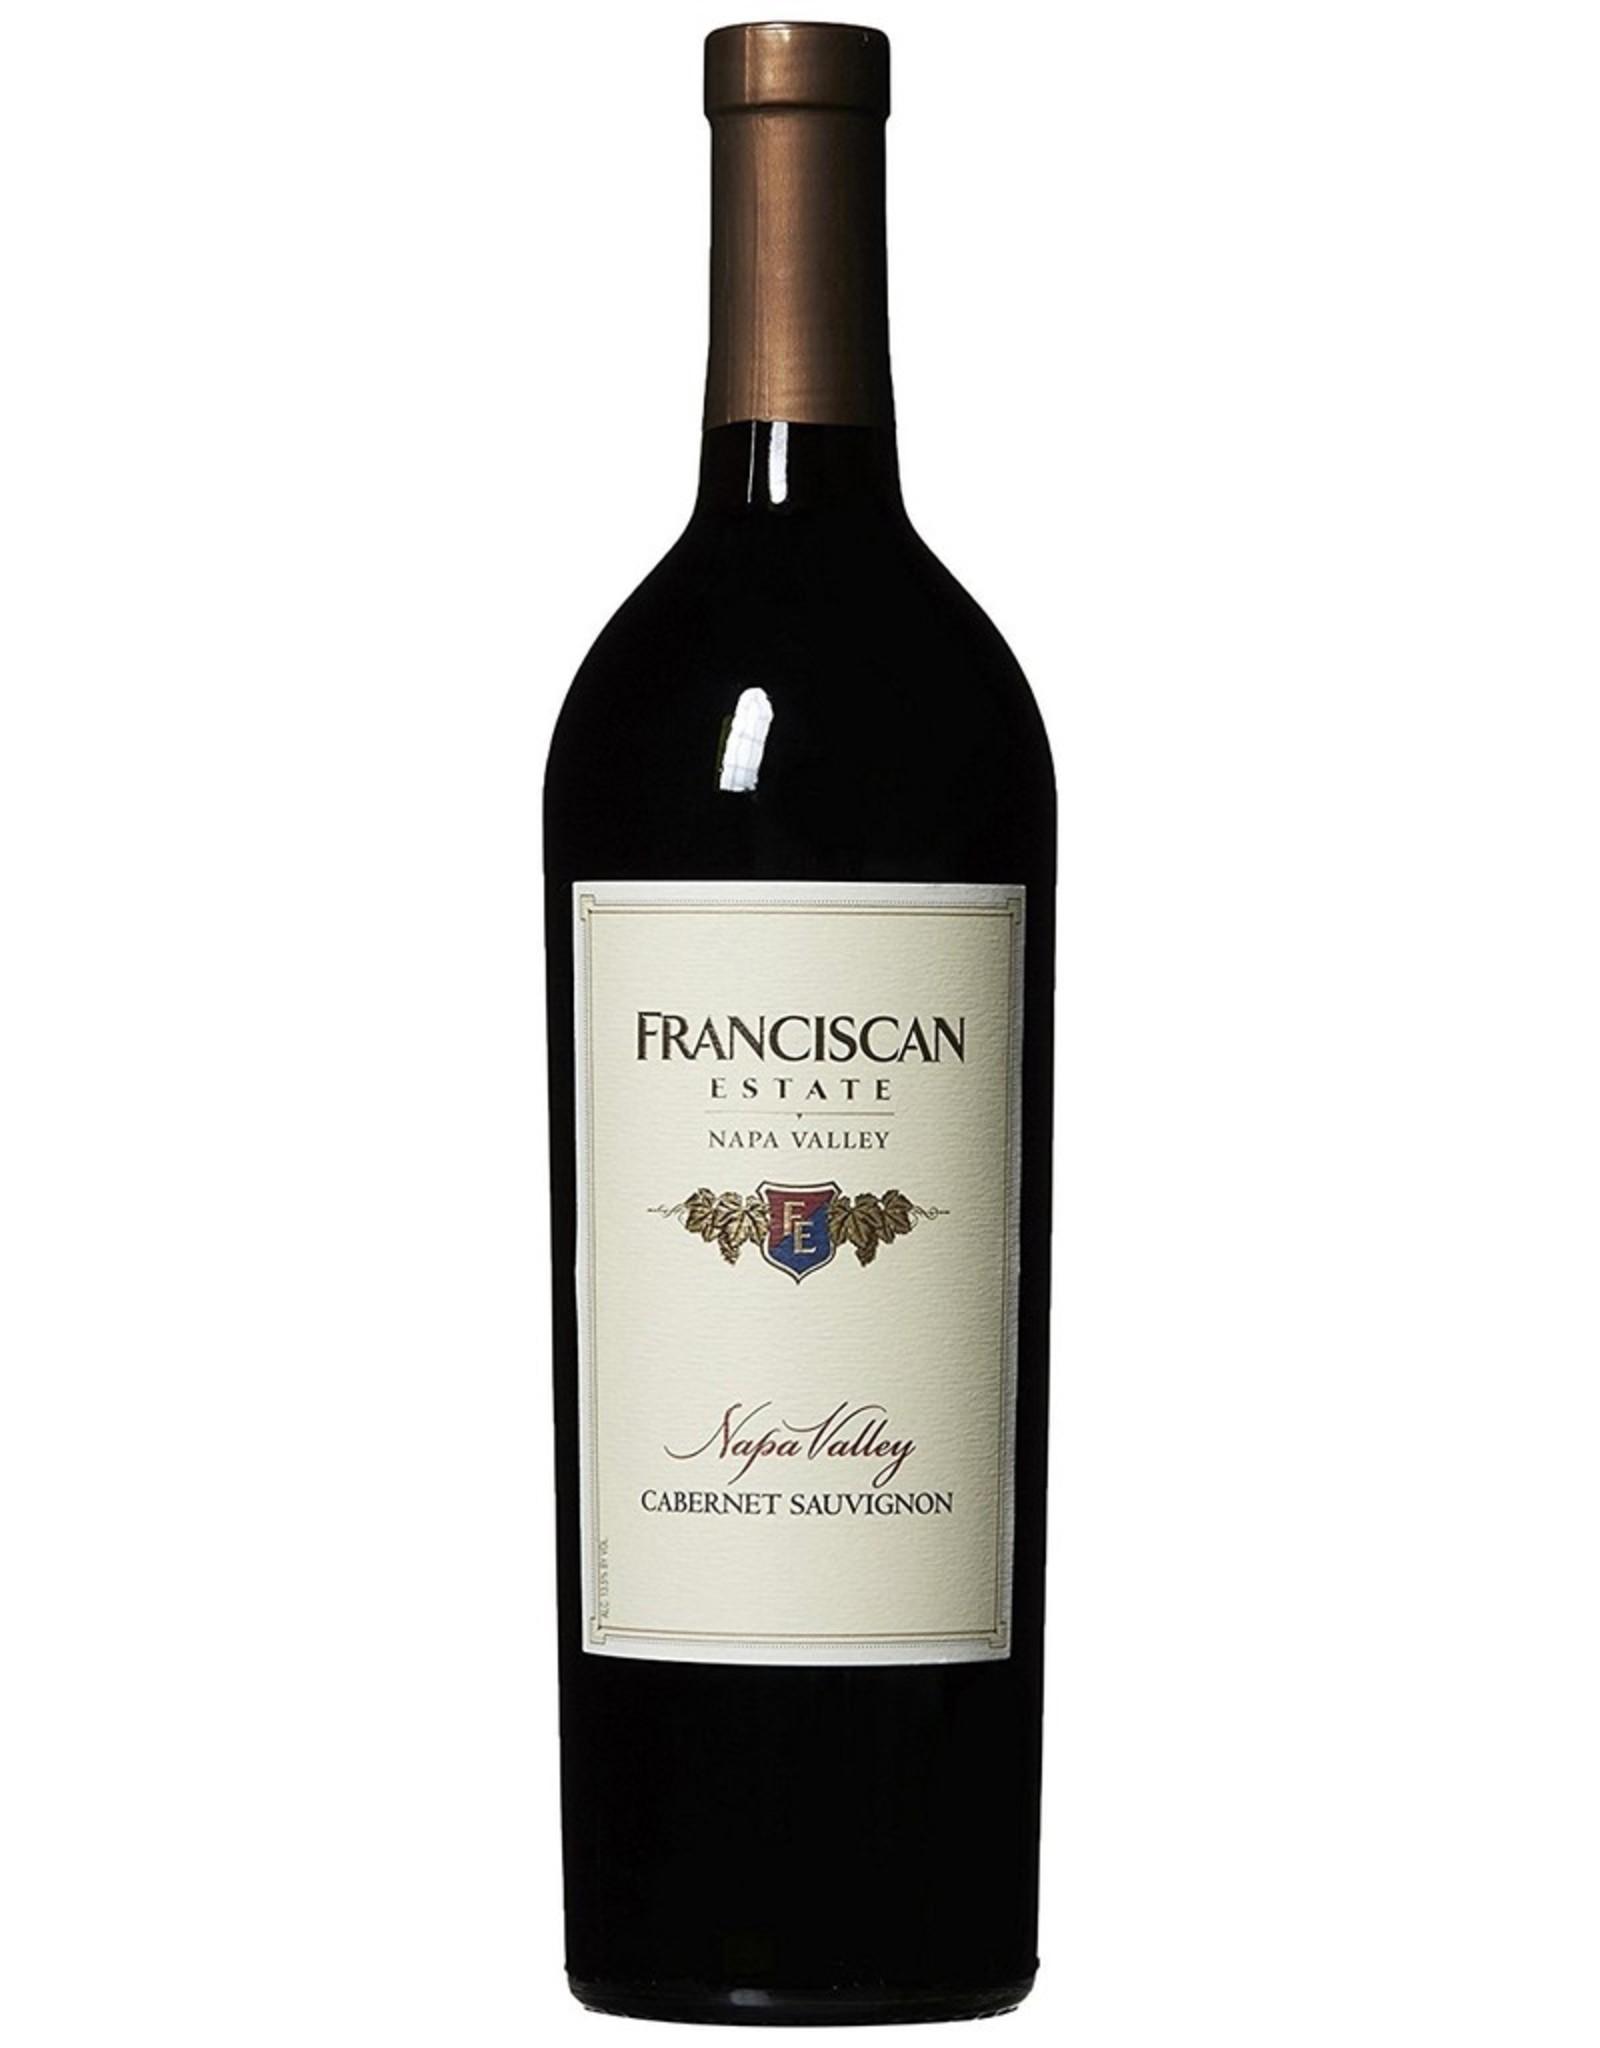 Red Wine 2014, Franciscan Estate, Cabernet Sauvignon, Oakville, Napa Valley, California, 13.5% Alc, CT87, JS90